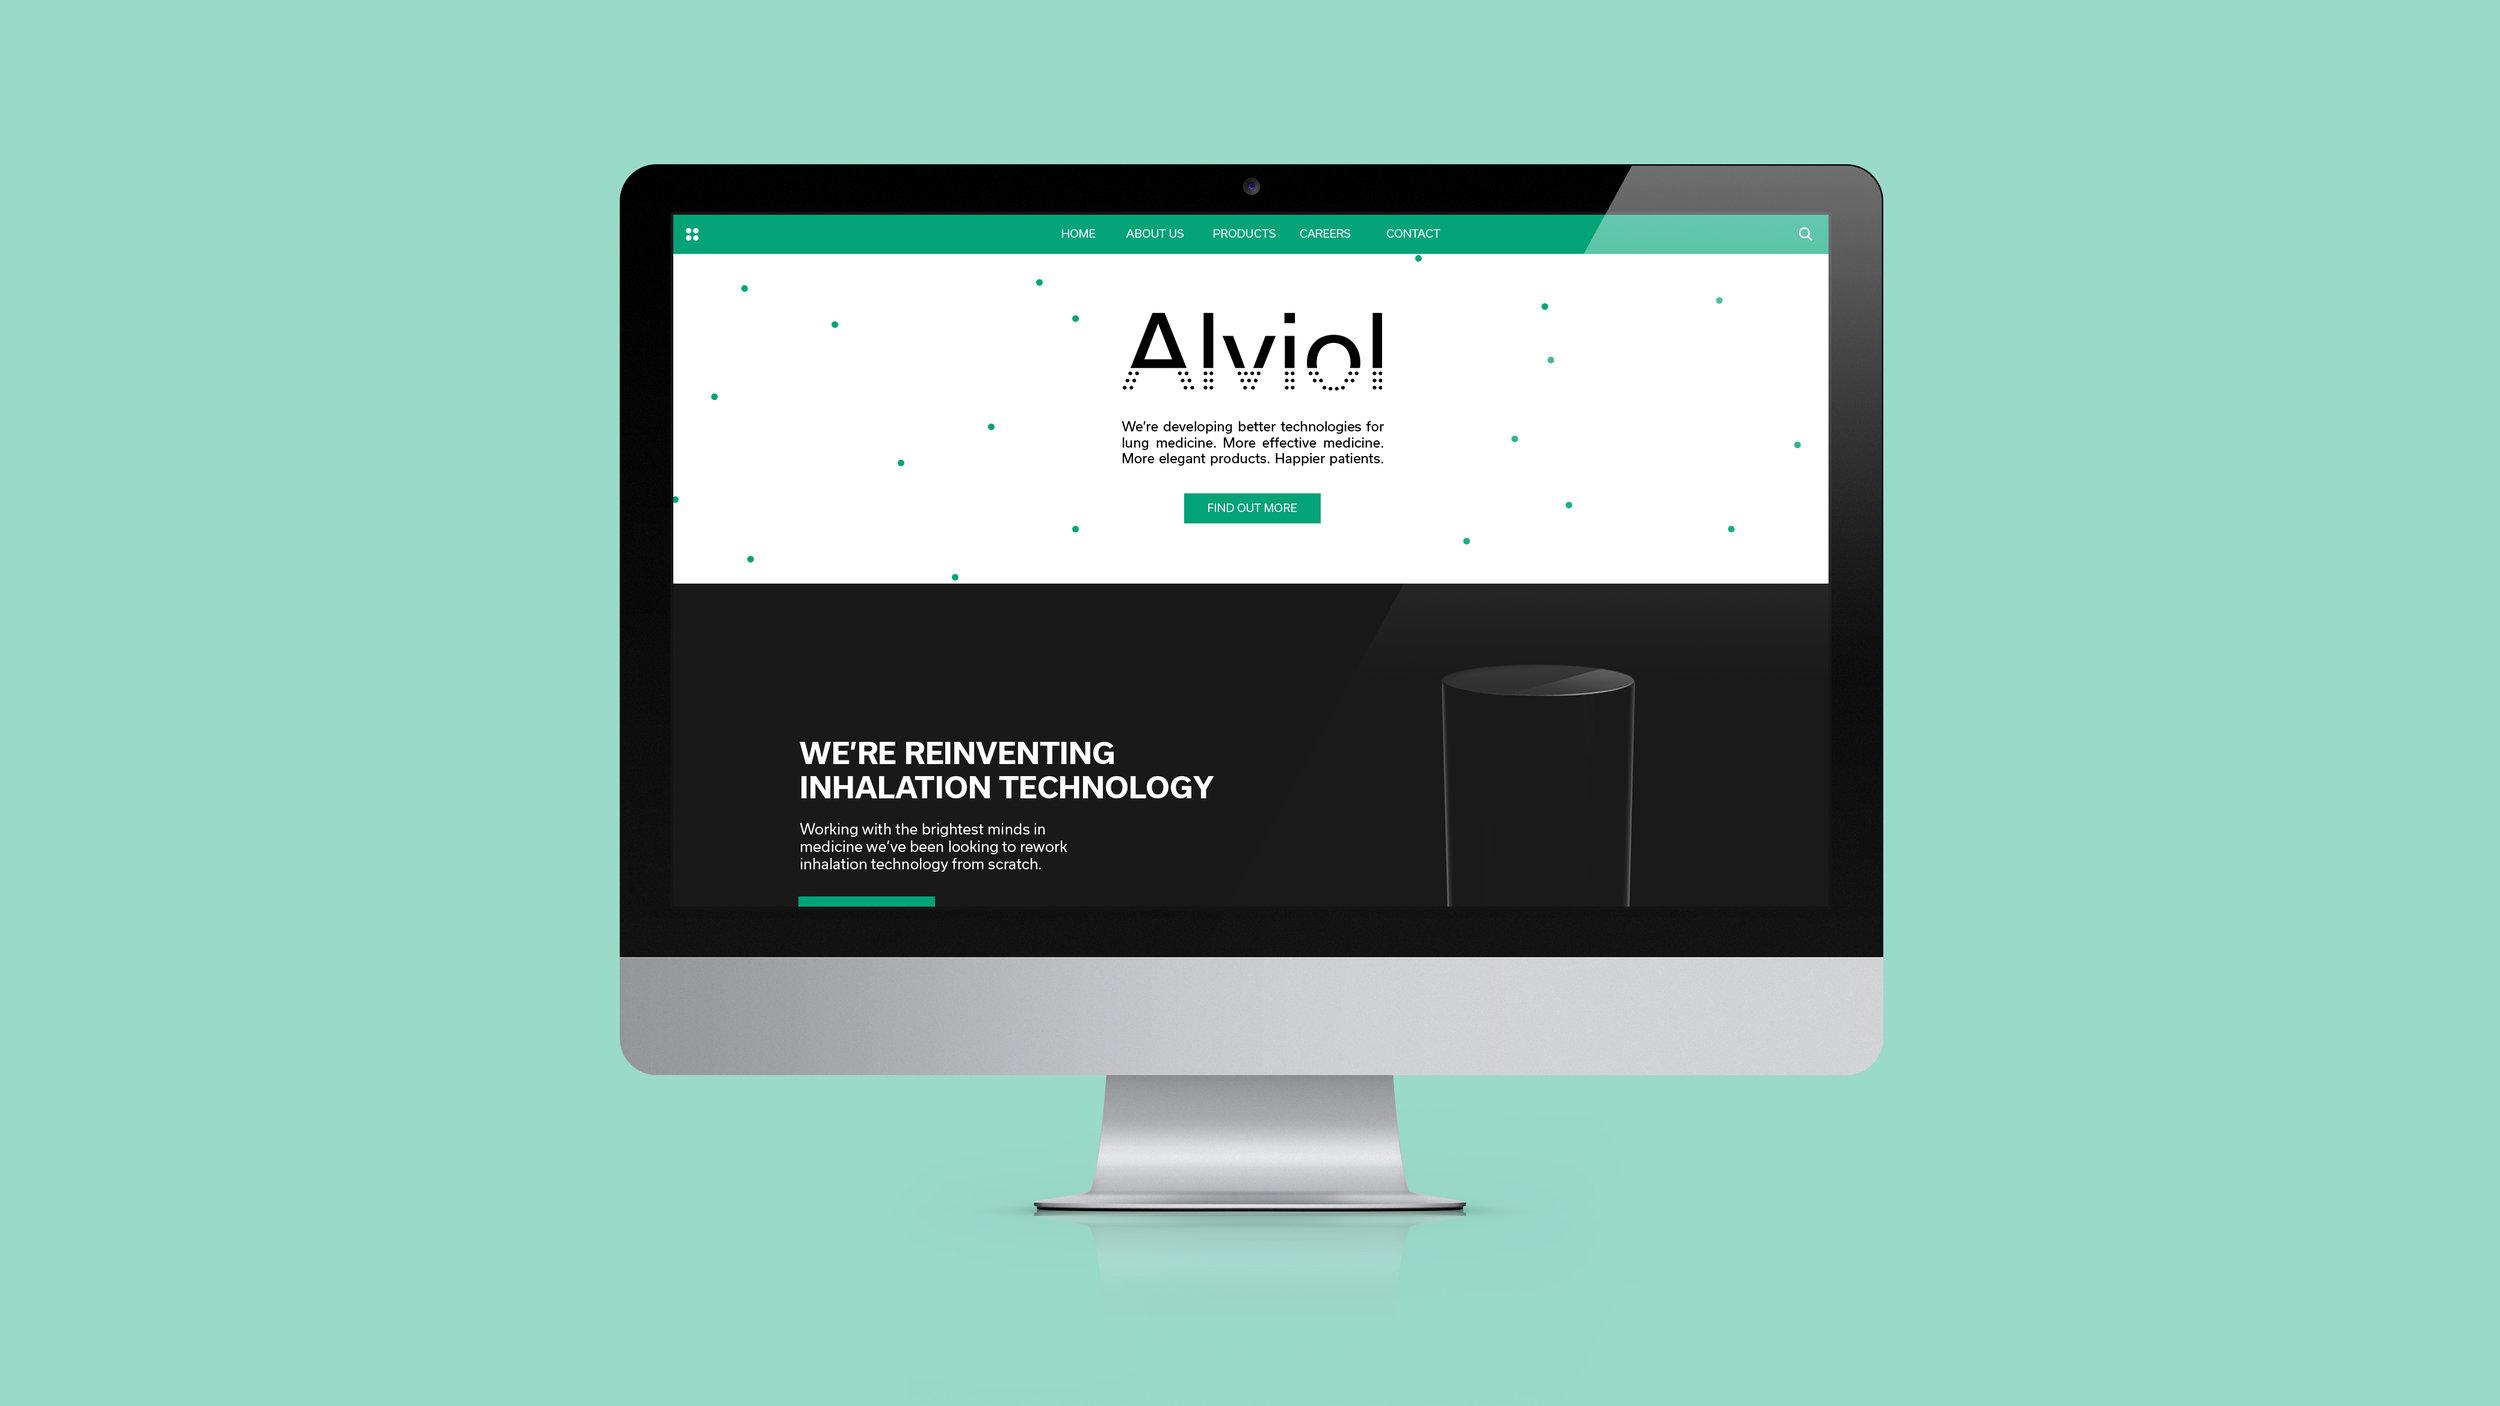 Alviol_Web Mockup_Craig McGarrell